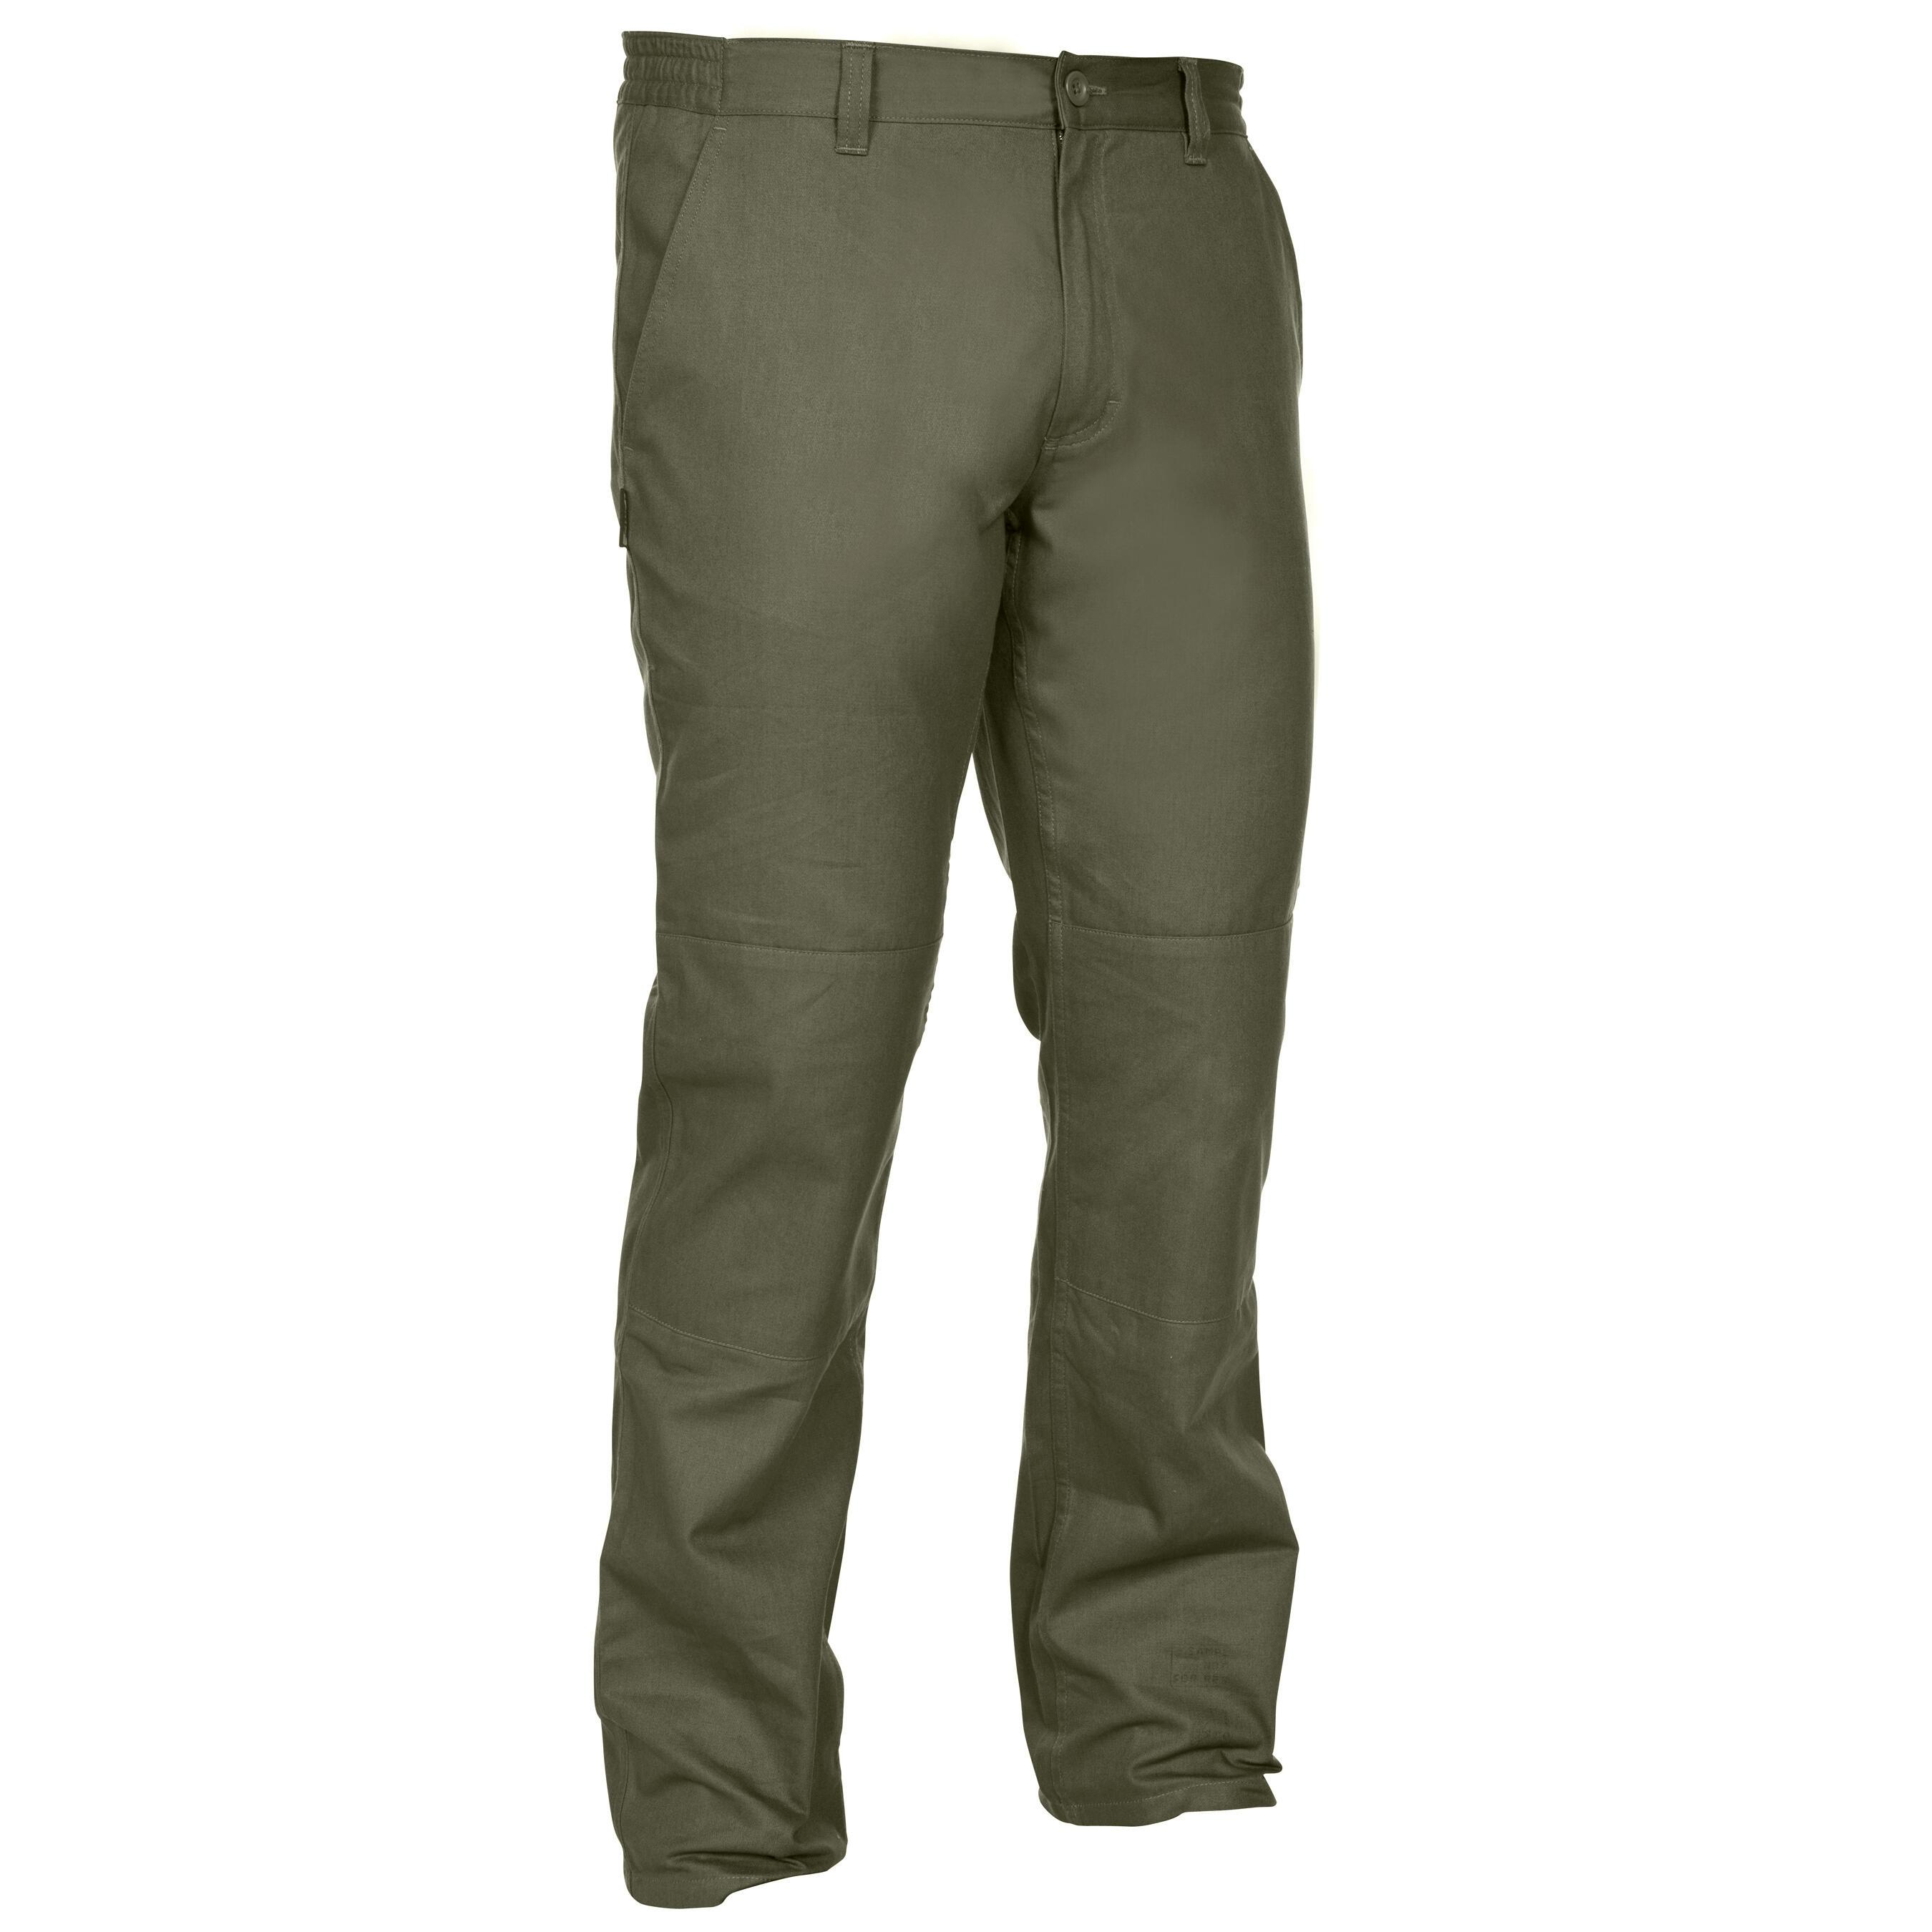 Comprar Pantalones Y Bermudas De Caza Online Decathlon